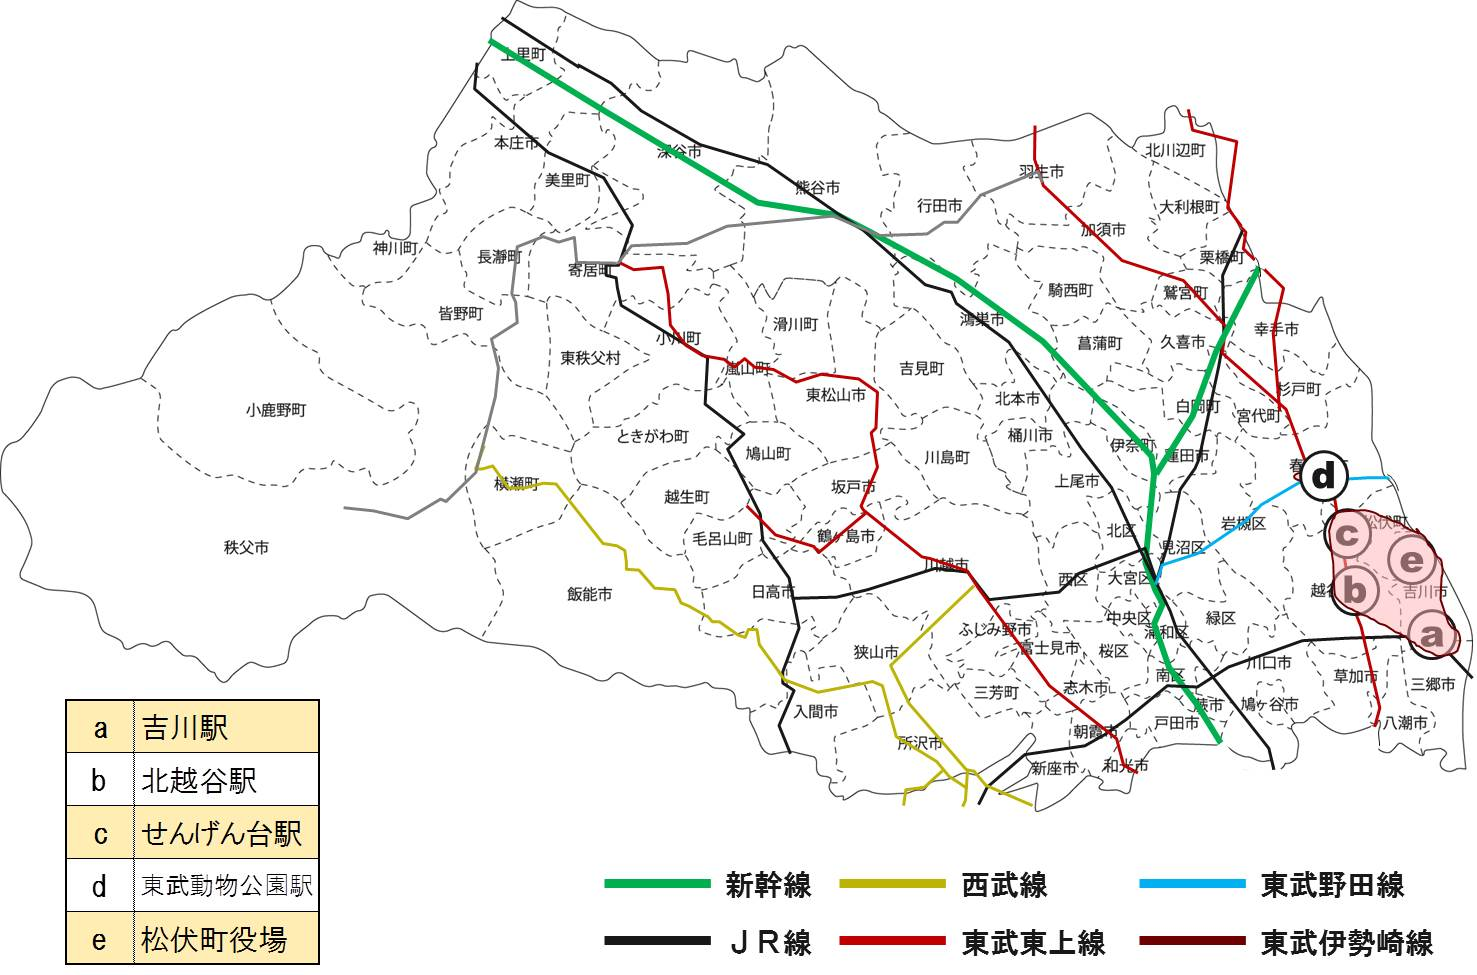 キョウエイアド 交通広告 埼玉県バス バスマップ